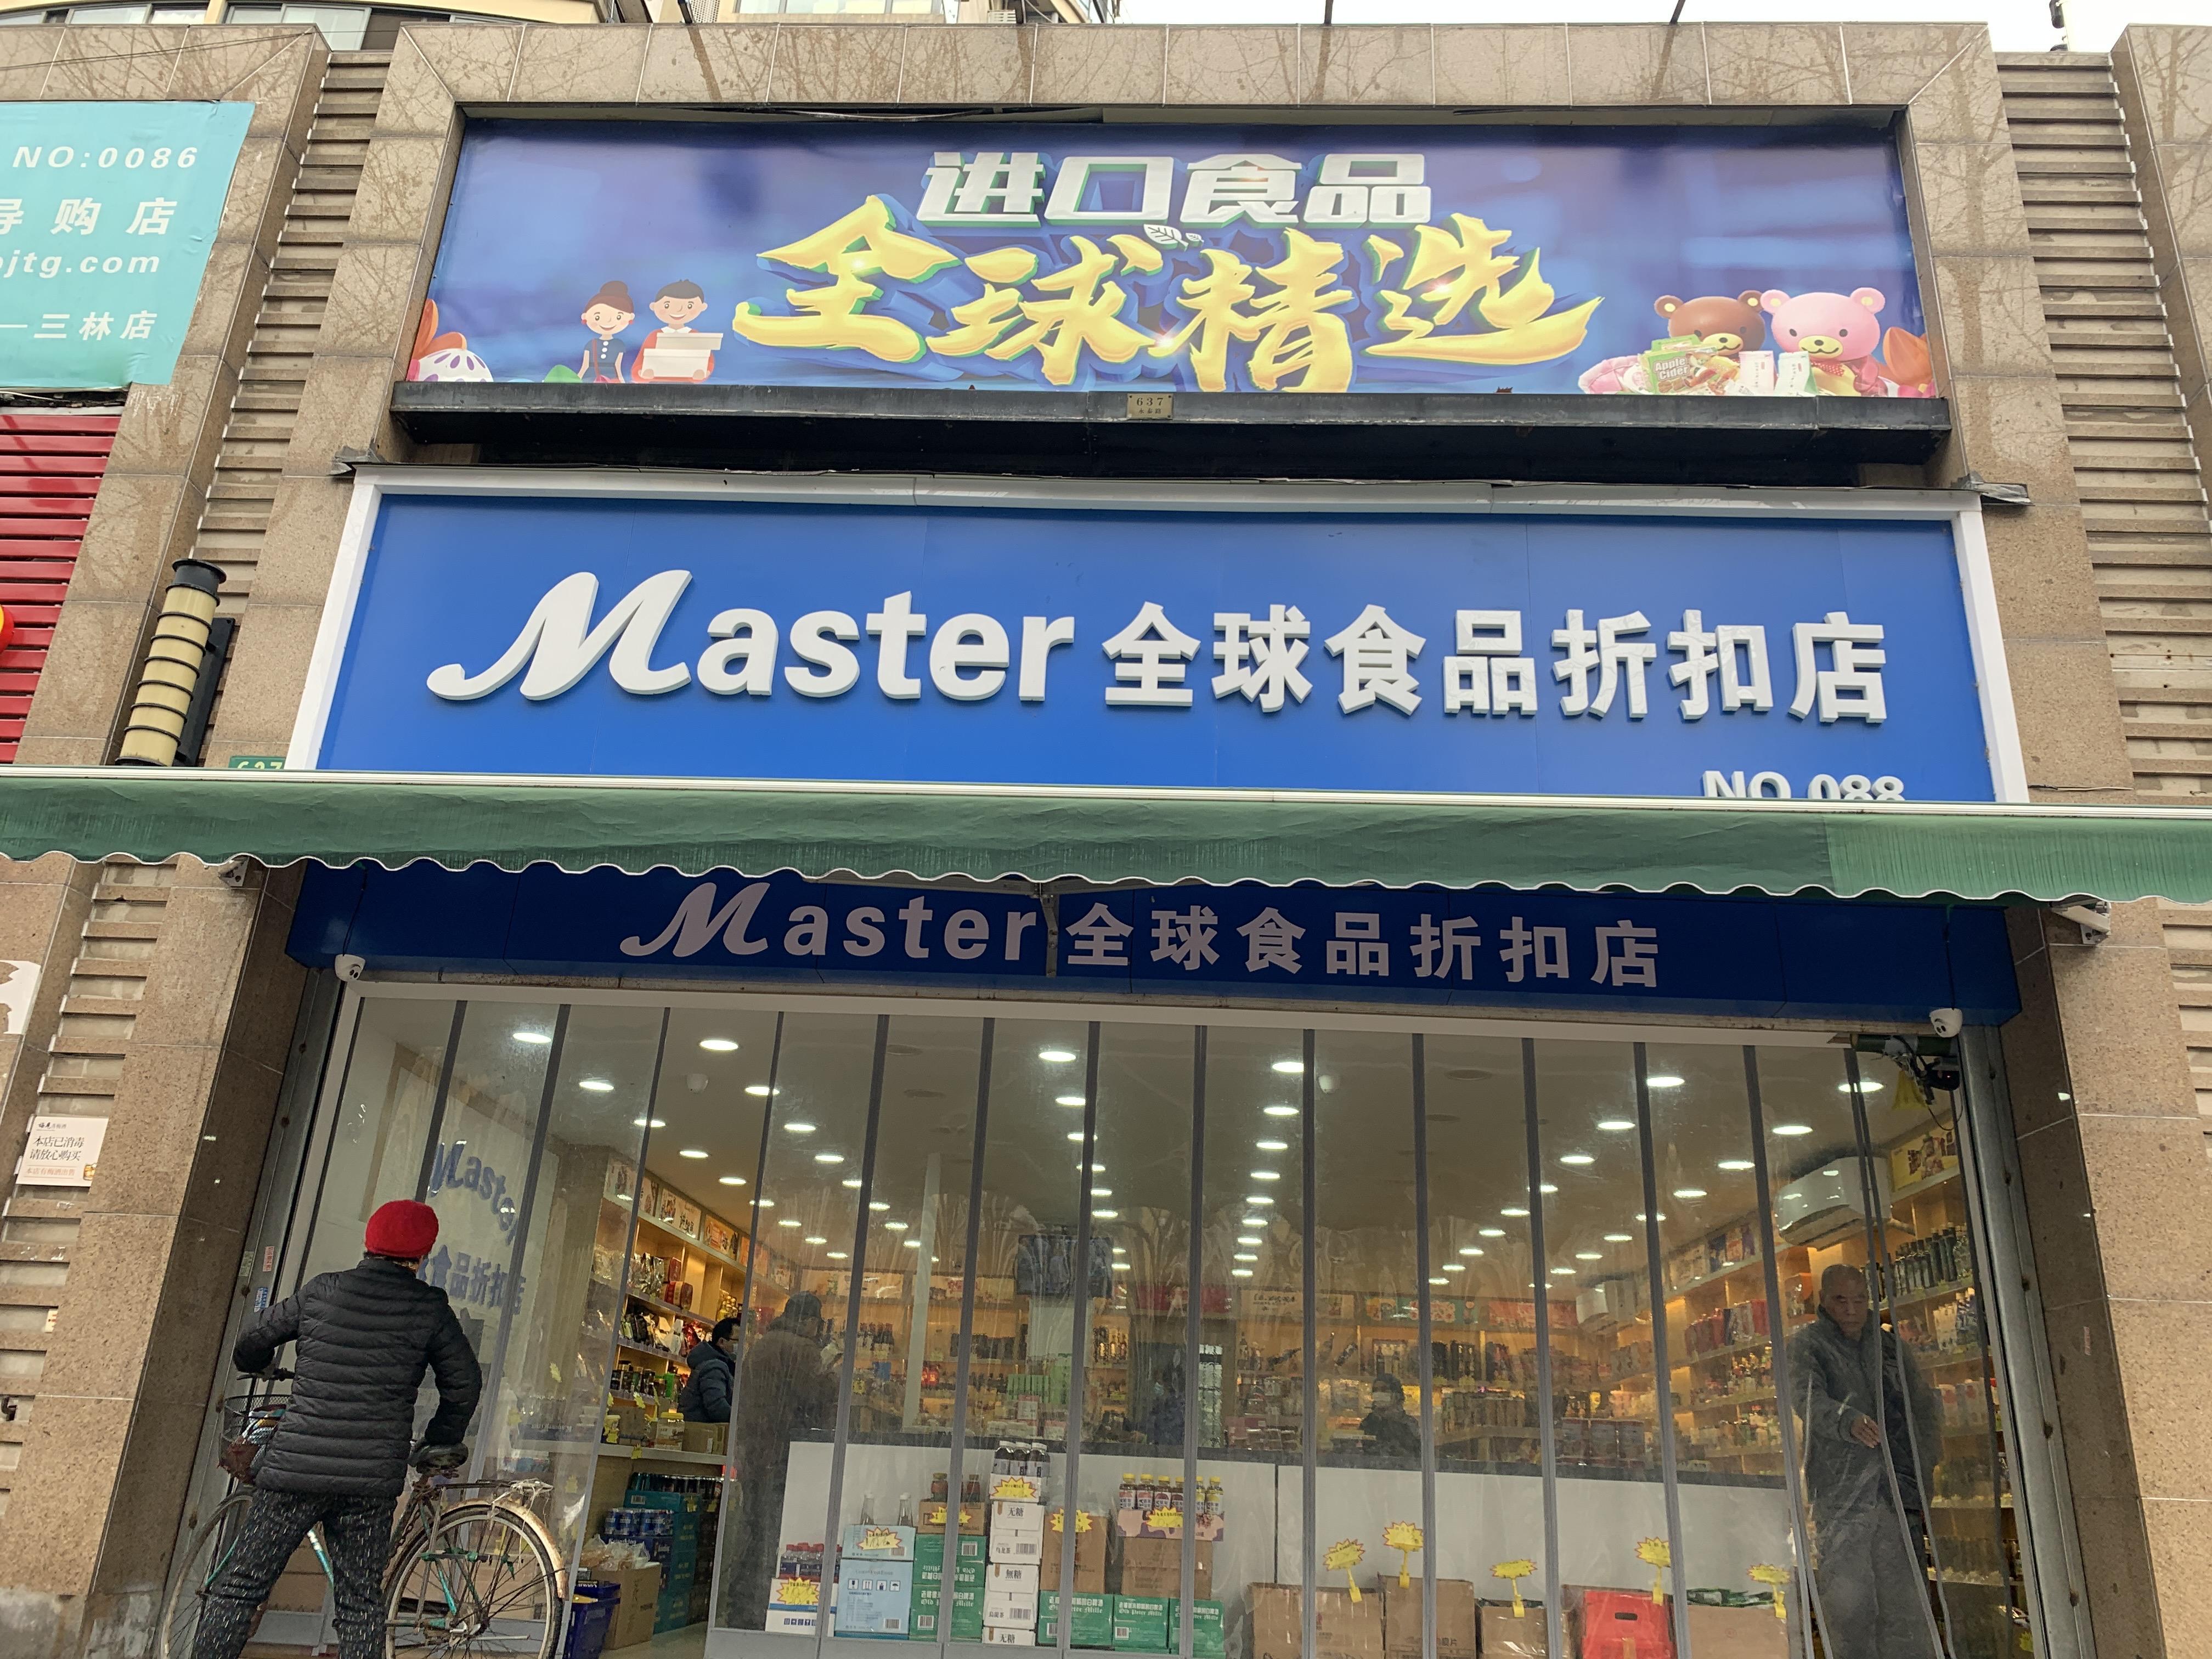 浦东三林永泰路美容美发足浴按摩轻餐饮商铺出租实景图片